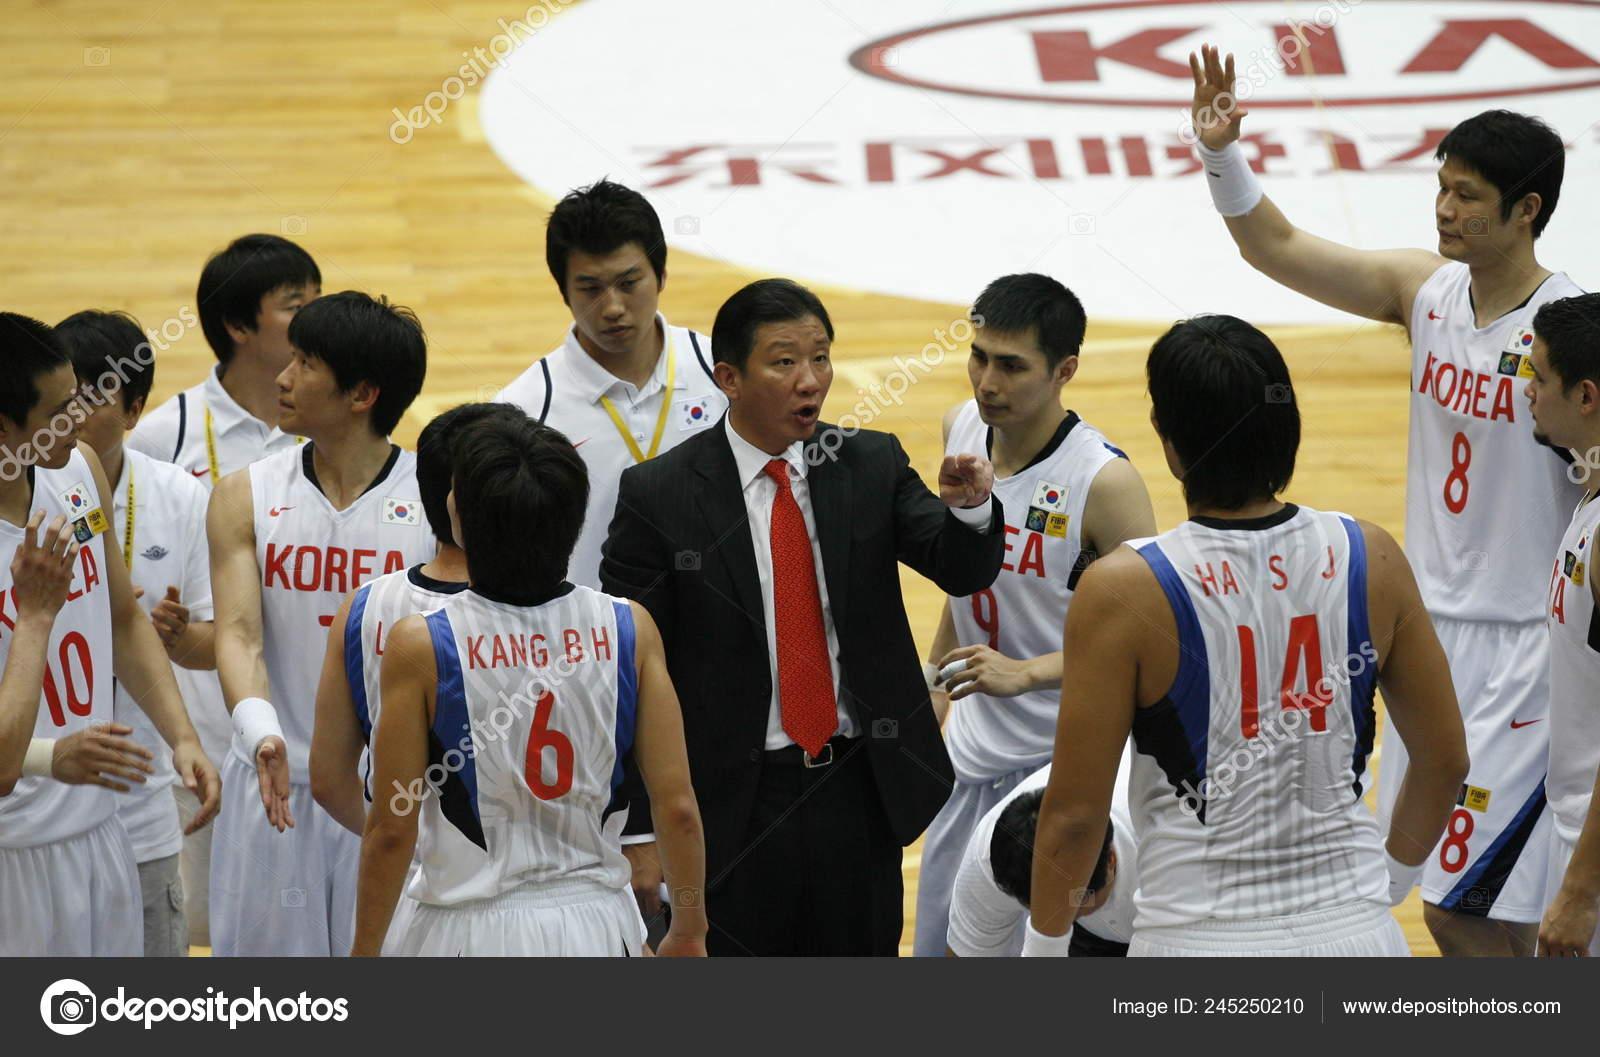 Huyền thoại Hàn Quốc - Jae Hur và kỷ lục tồn tại 30 năm chưa bị phá vỡ tại FIBA World Cup